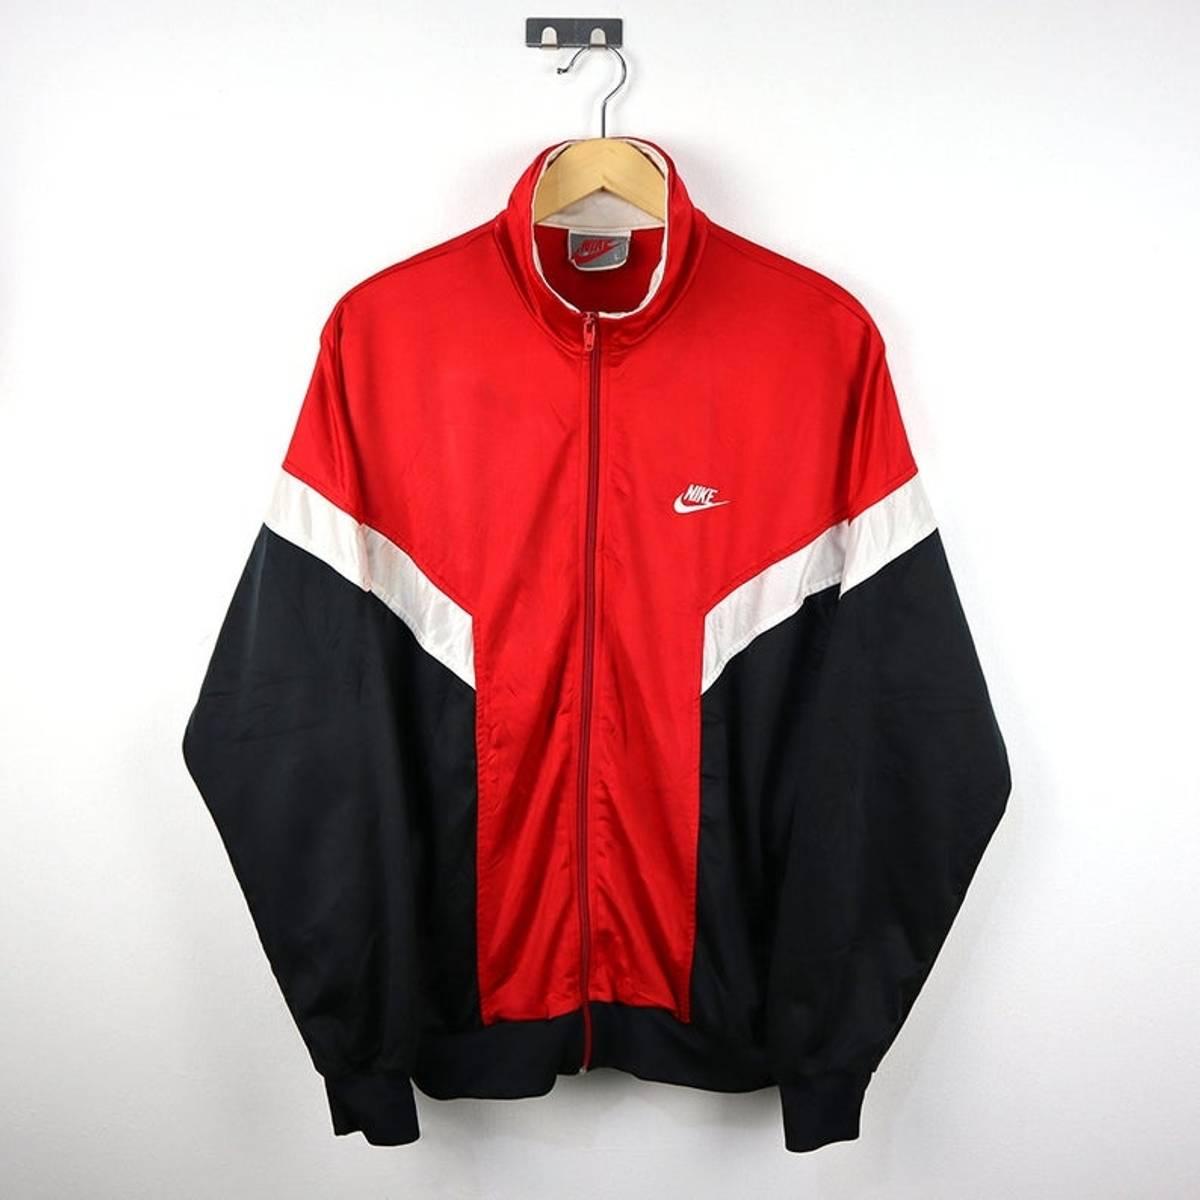 ec0eb5fe9e5 Nike Rare Vintage 80s 90s Nike Windbreaker Track Top Jacket / Retro ...